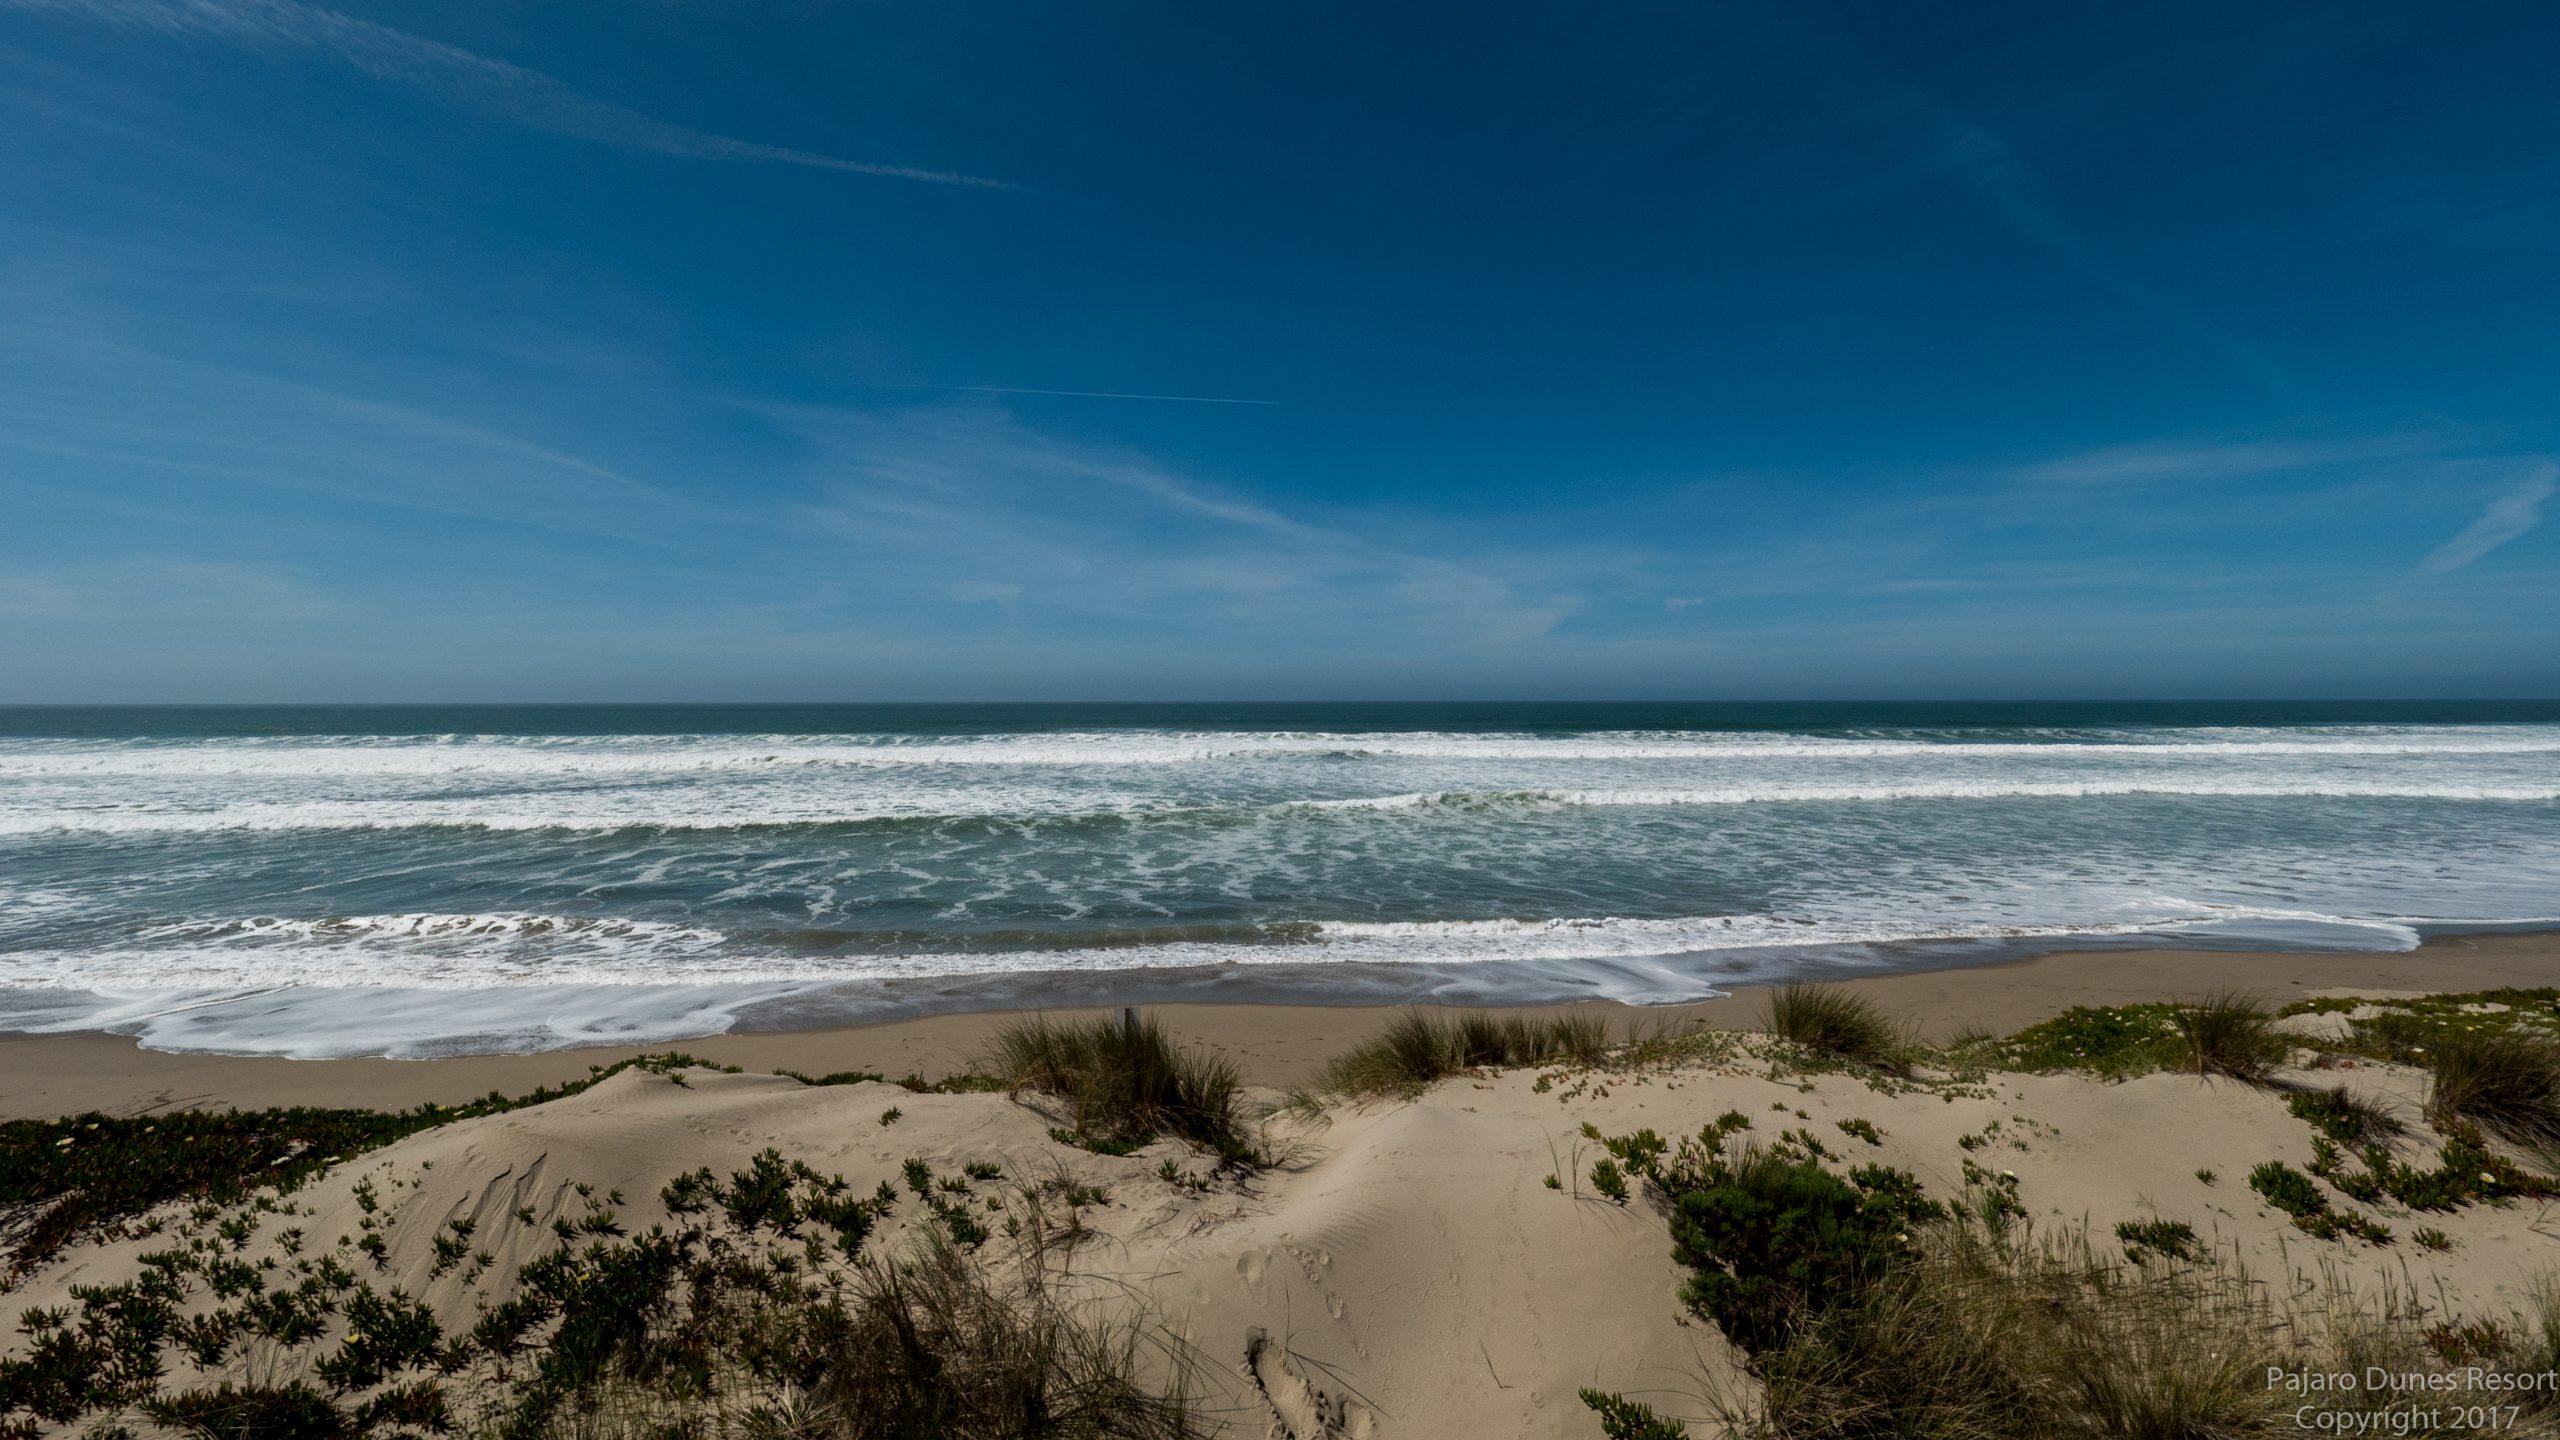 Pajaro Dunes Cypress 15 Image 3